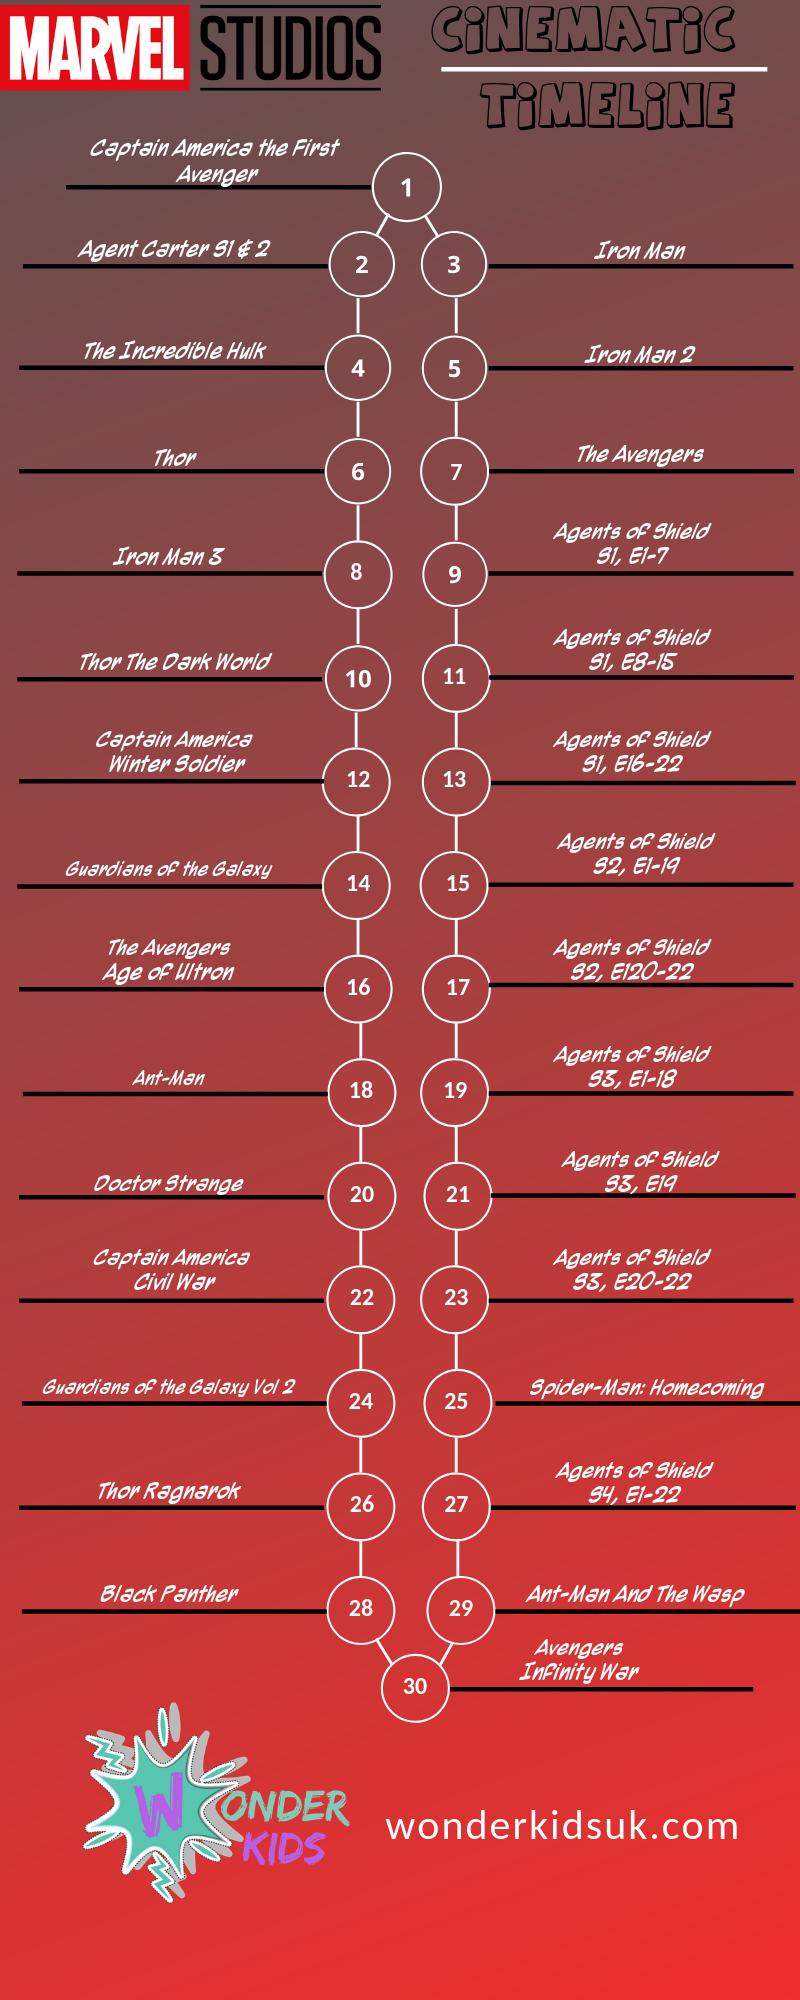 MCU Timeline v2.png